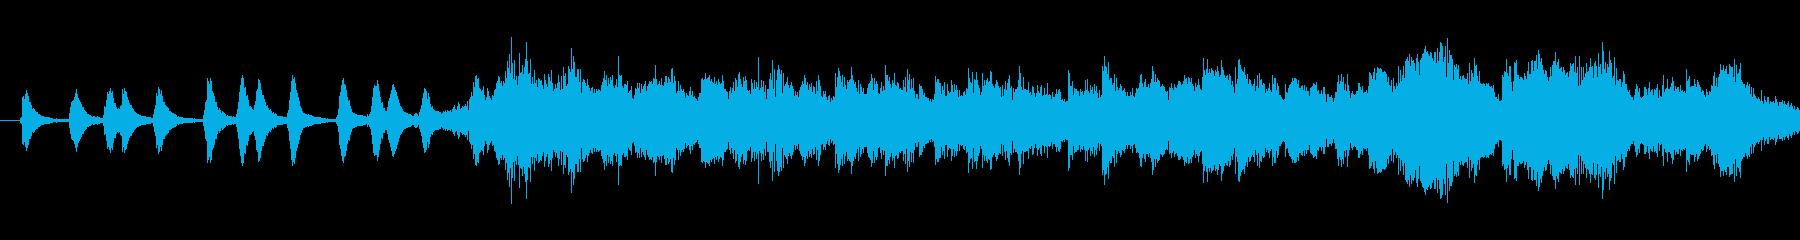 戦争時代をおもわす曲調の再生済みの波形